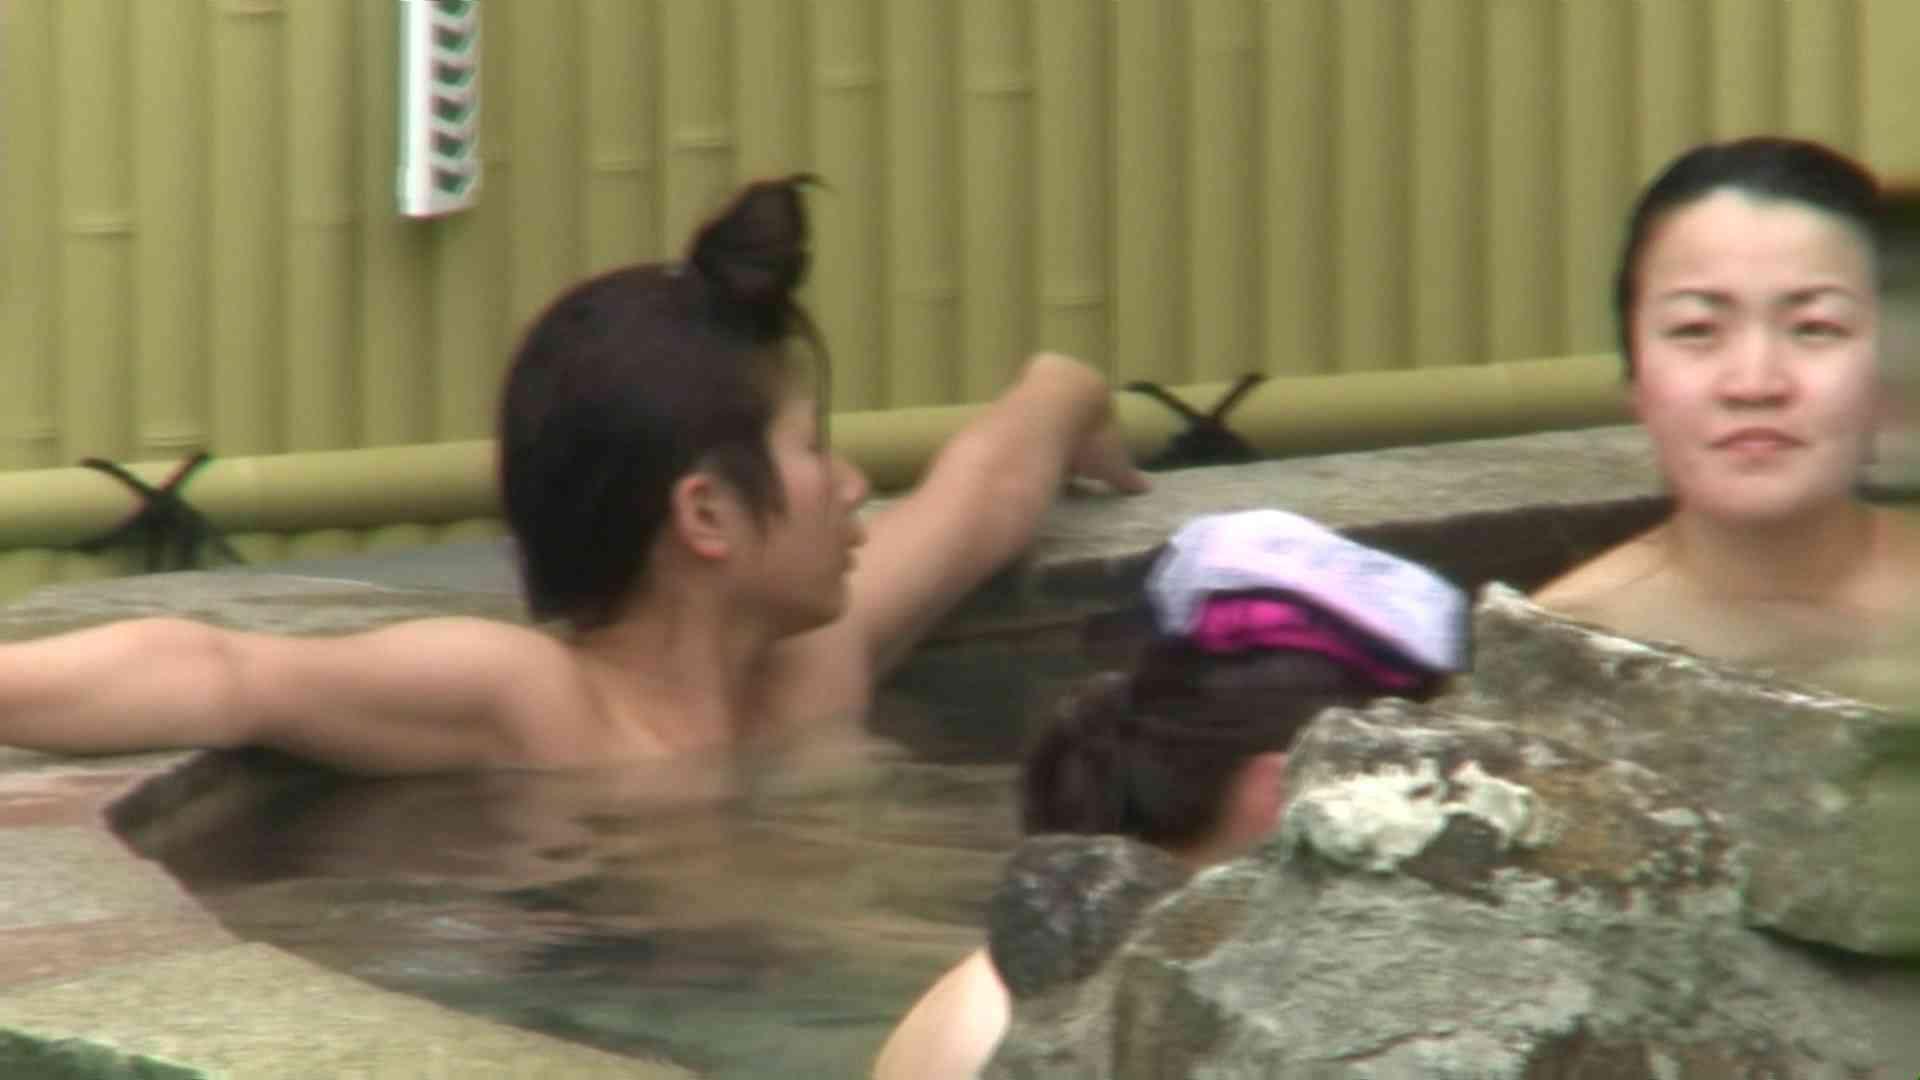 Aquaな露天風呂Vol.66【VIP限定】 美しいOLの裸体 エロ画像 83pic 74